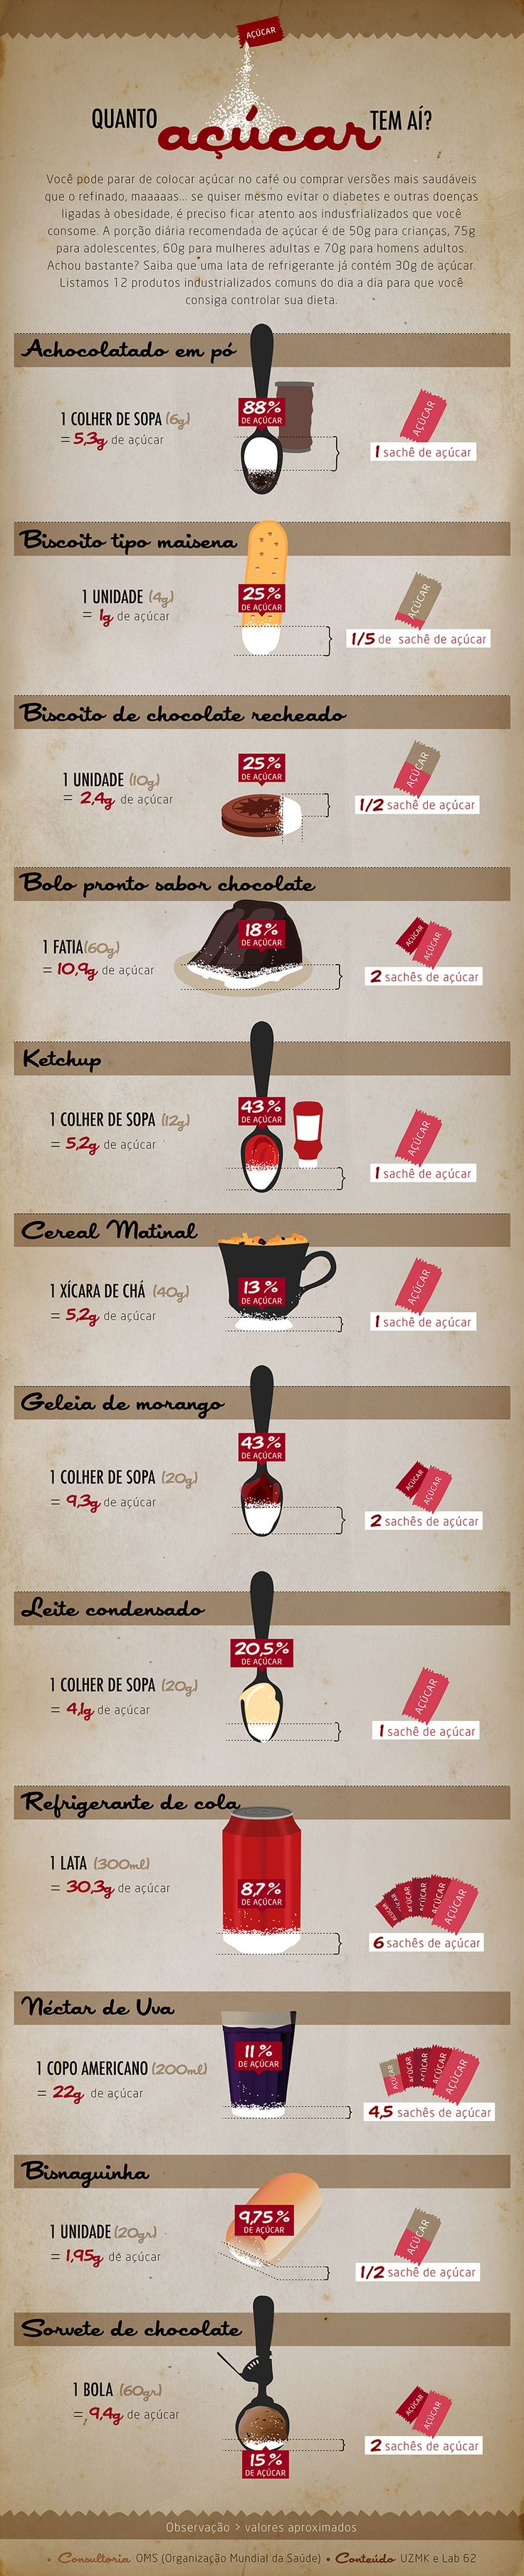 infográfico açúcar - alimentos industrializados  Quanto de açúcar tem aí?